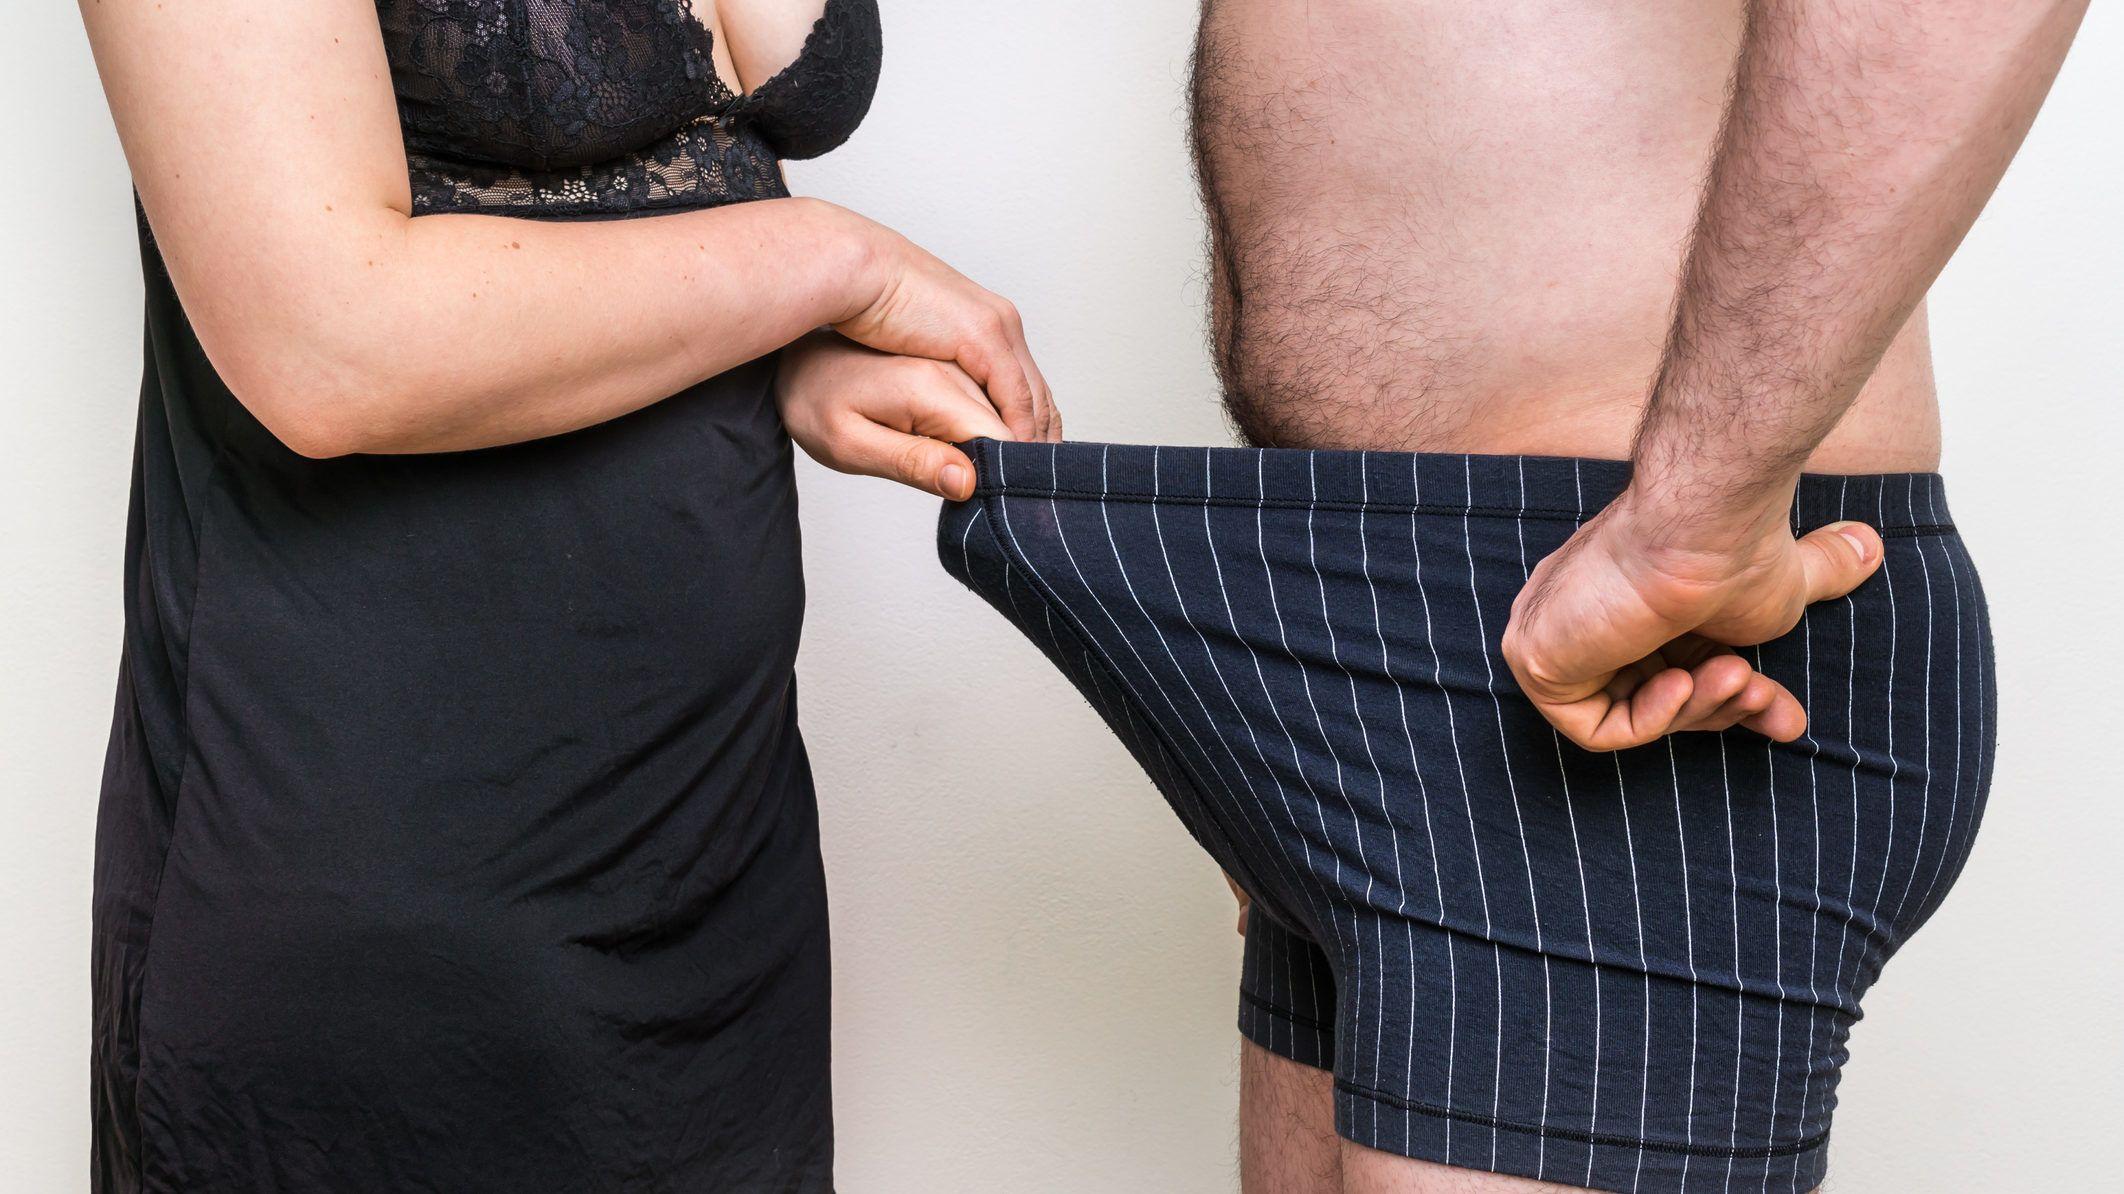 fasz erekciós képek előtt és után hogy a nők mit gondolnak az erekcióról